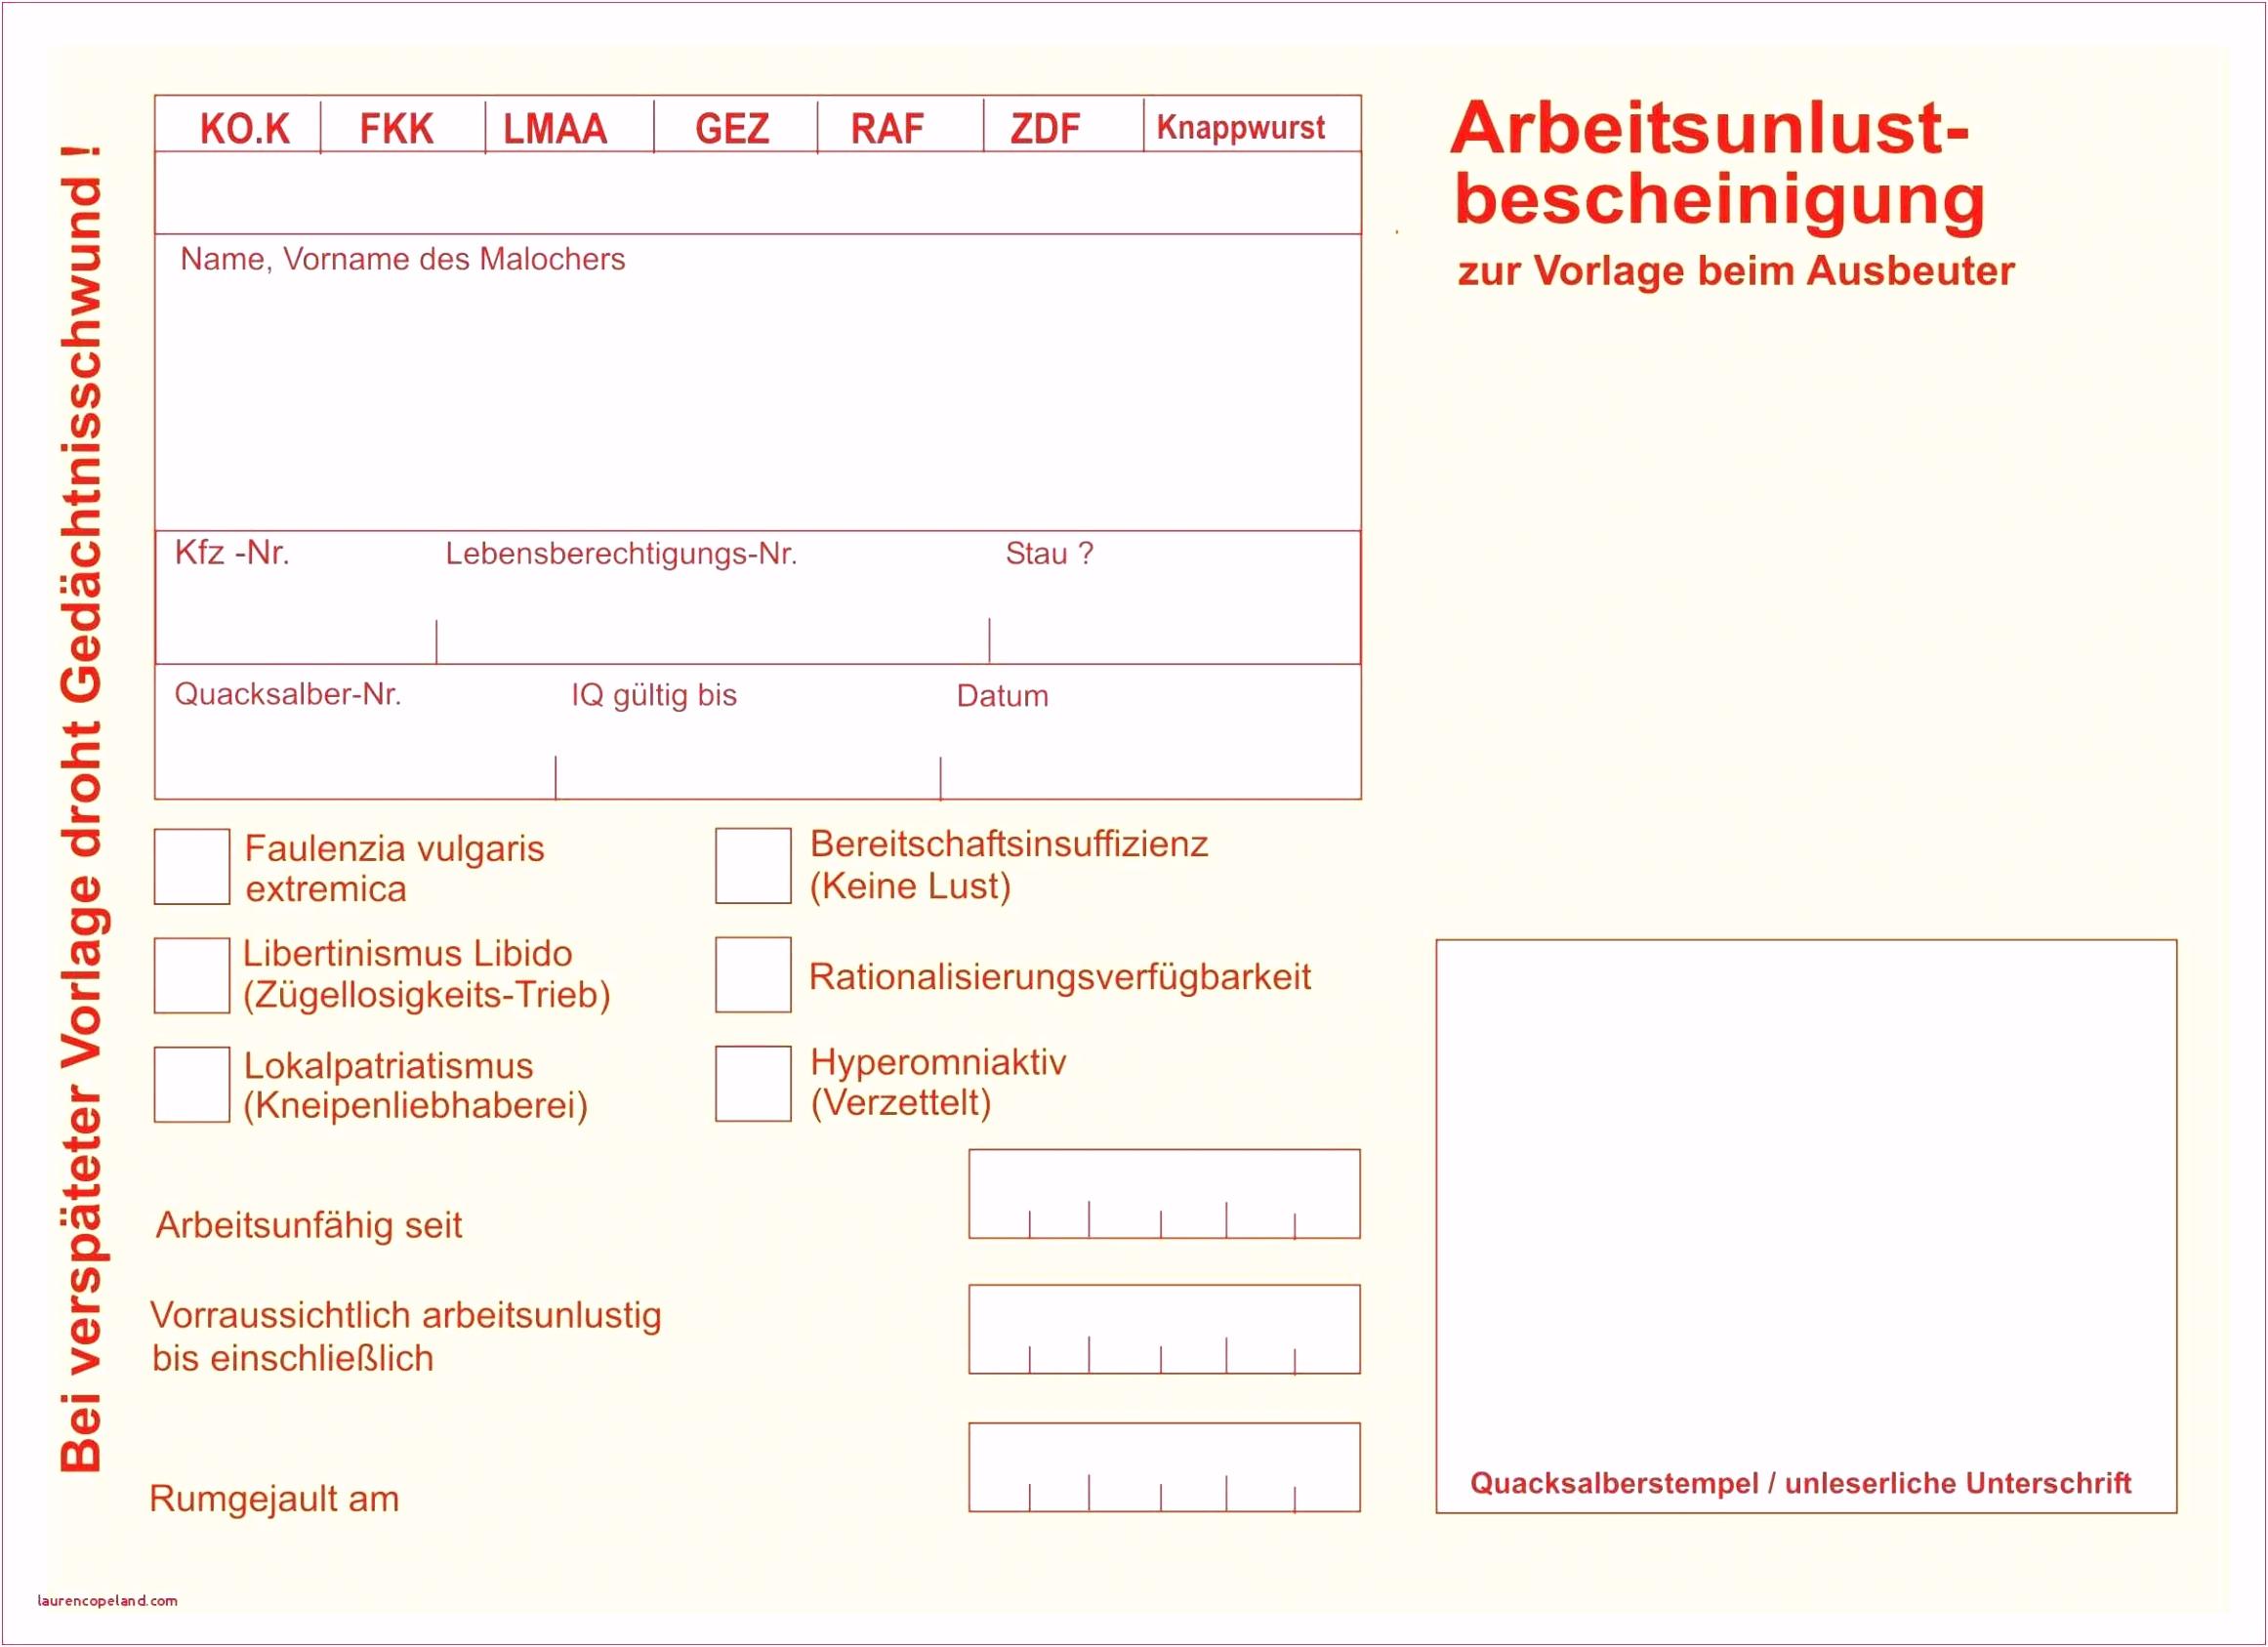 Lohnabrechnung Vorlage Excel Lohnabrechnung Vorlage Excel Krankmeldung Vorlage Pdf X0he92tjc6 Qvycv5fpah